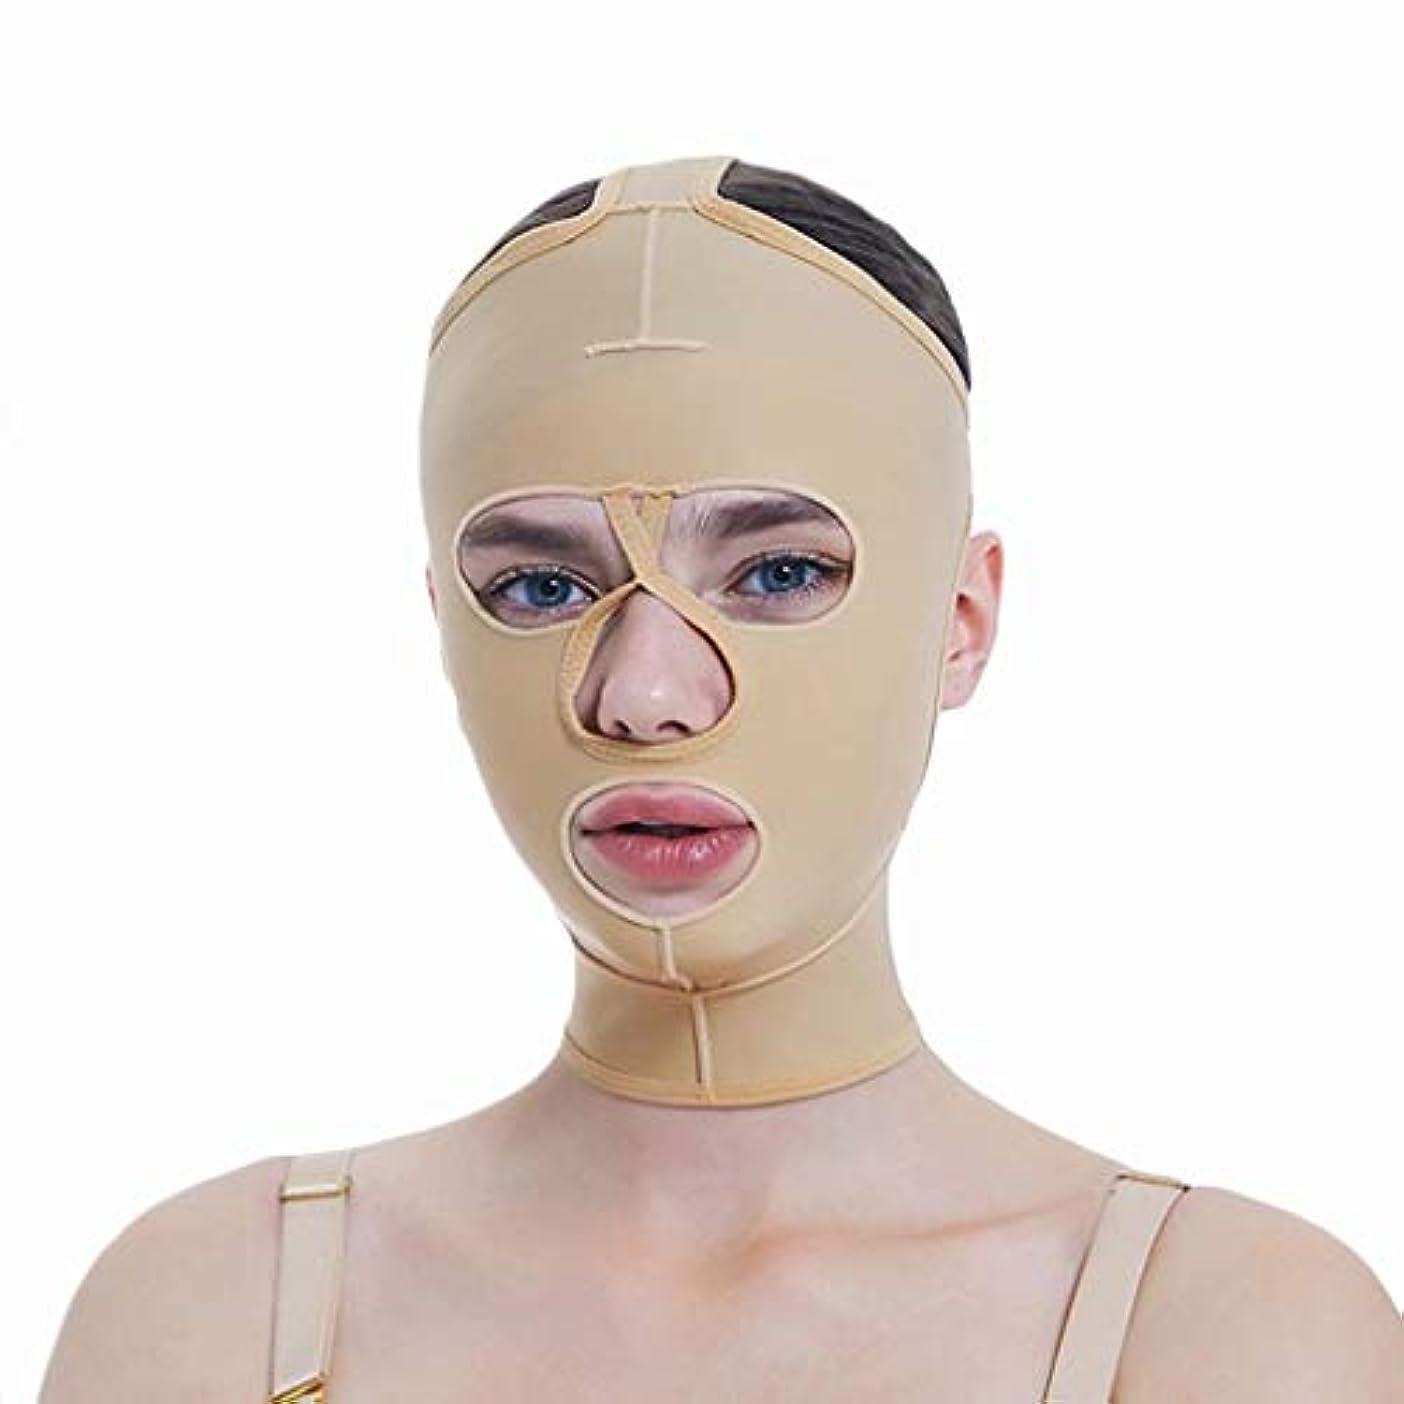 組立自明研磨フェイシャル減量マスク、フルカバレッジ包帯、フルフェイスリフティングマスク、フェイスマスク、快適で リフティングシェーピング(サイズ:S),ザ?